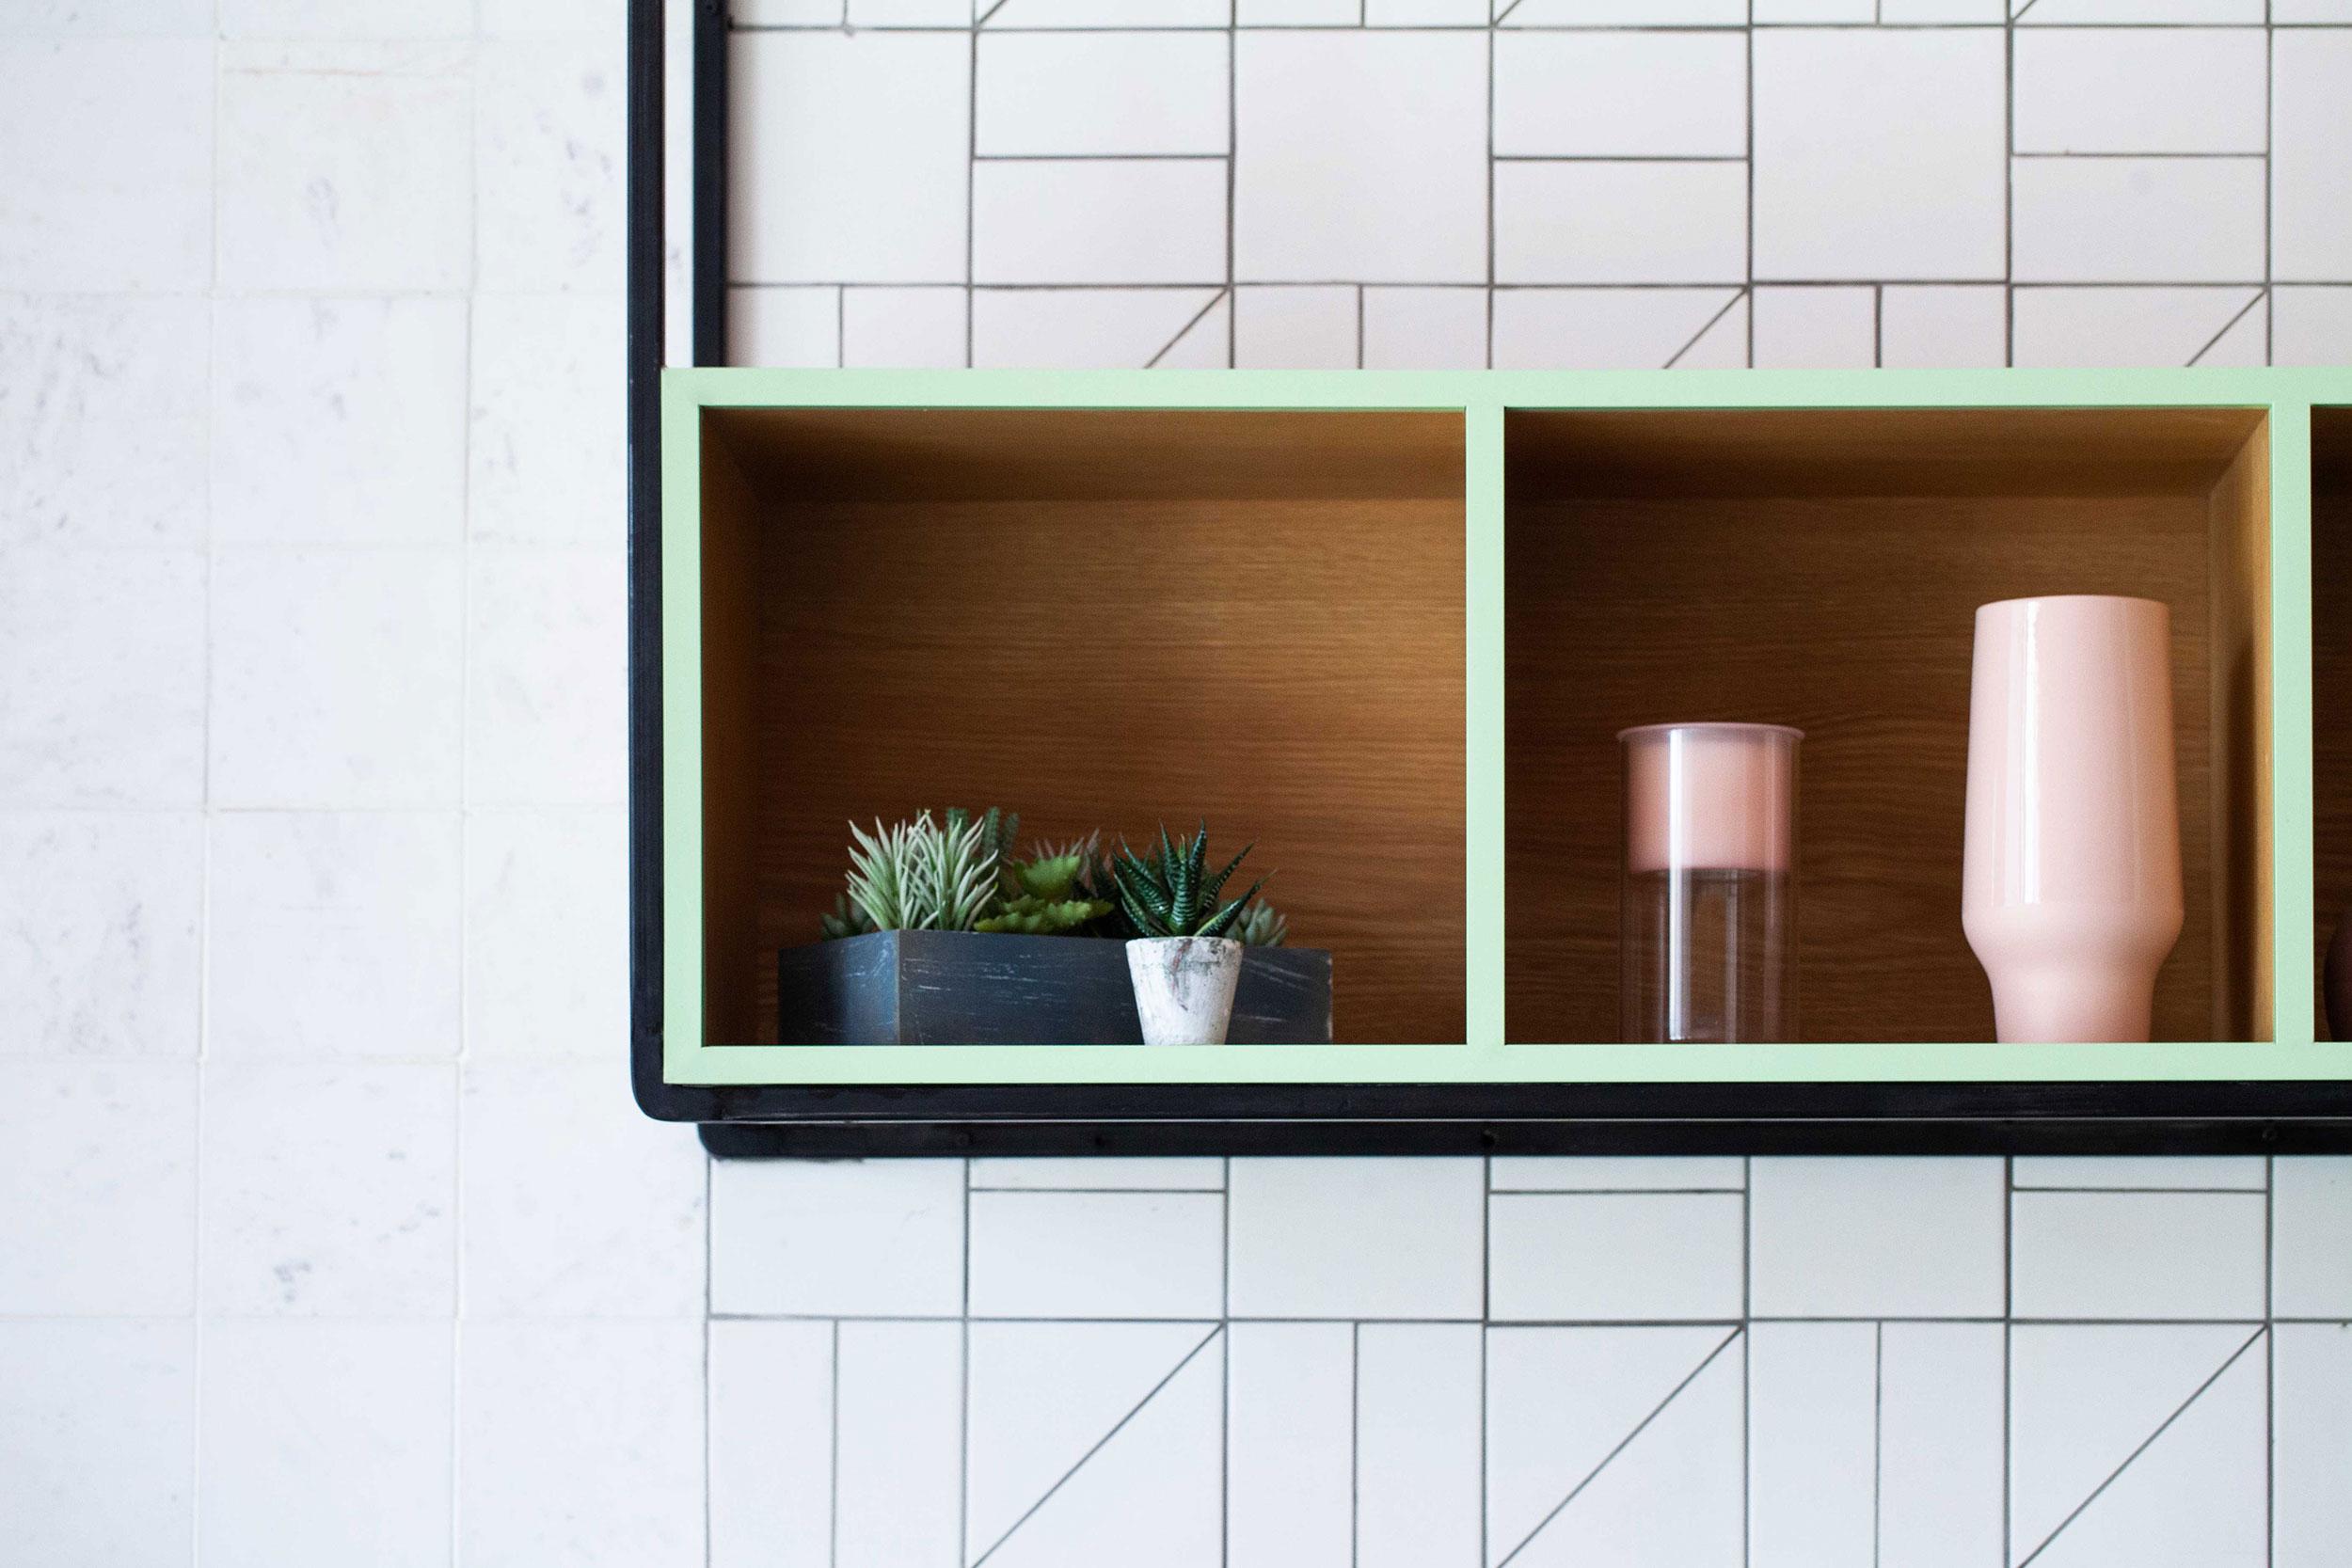 Surround-Interior Design Company in Dubai